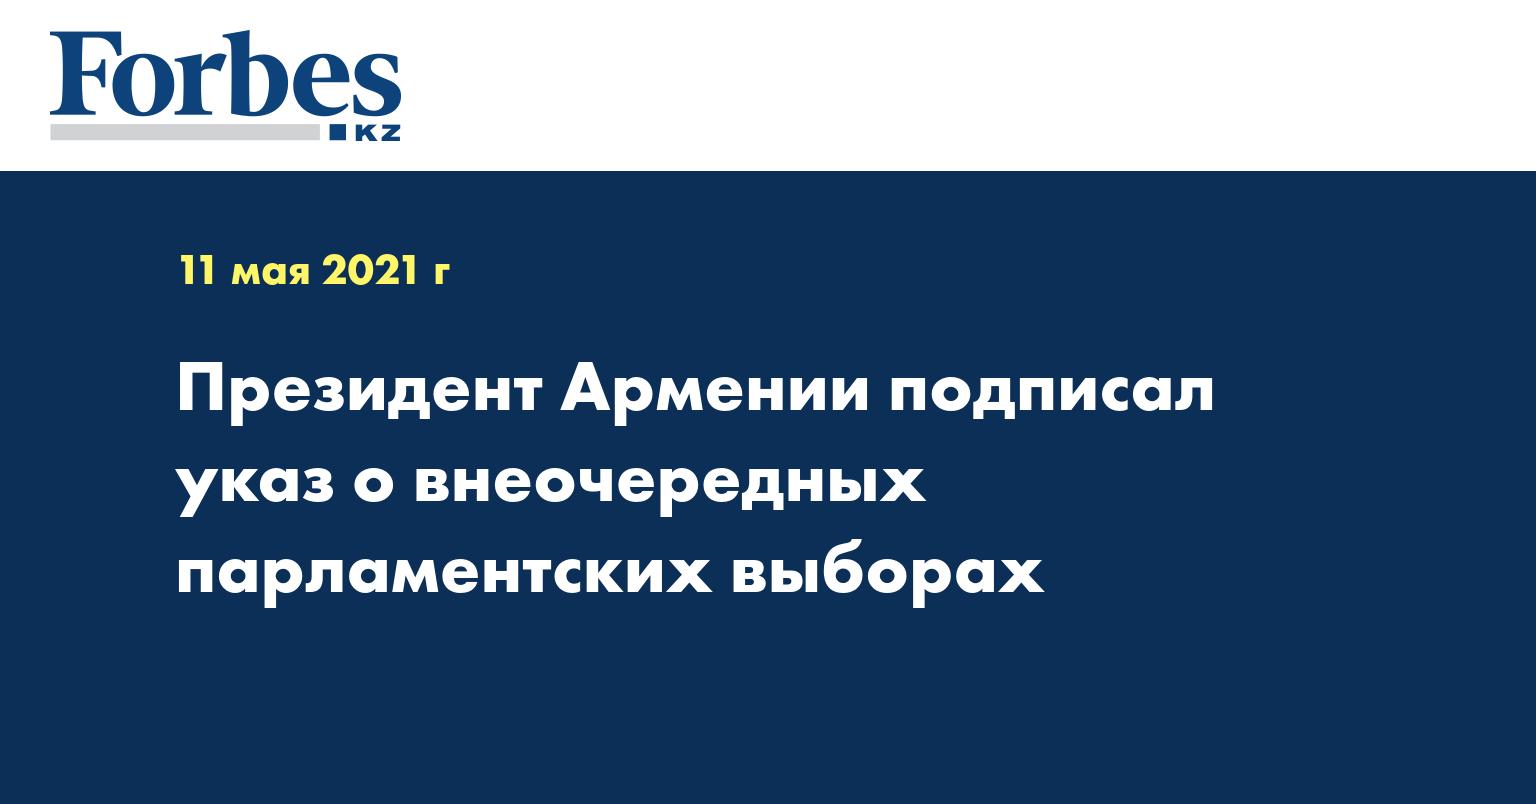 Президент Армении подписал указ о внеочередных парламентских выборах